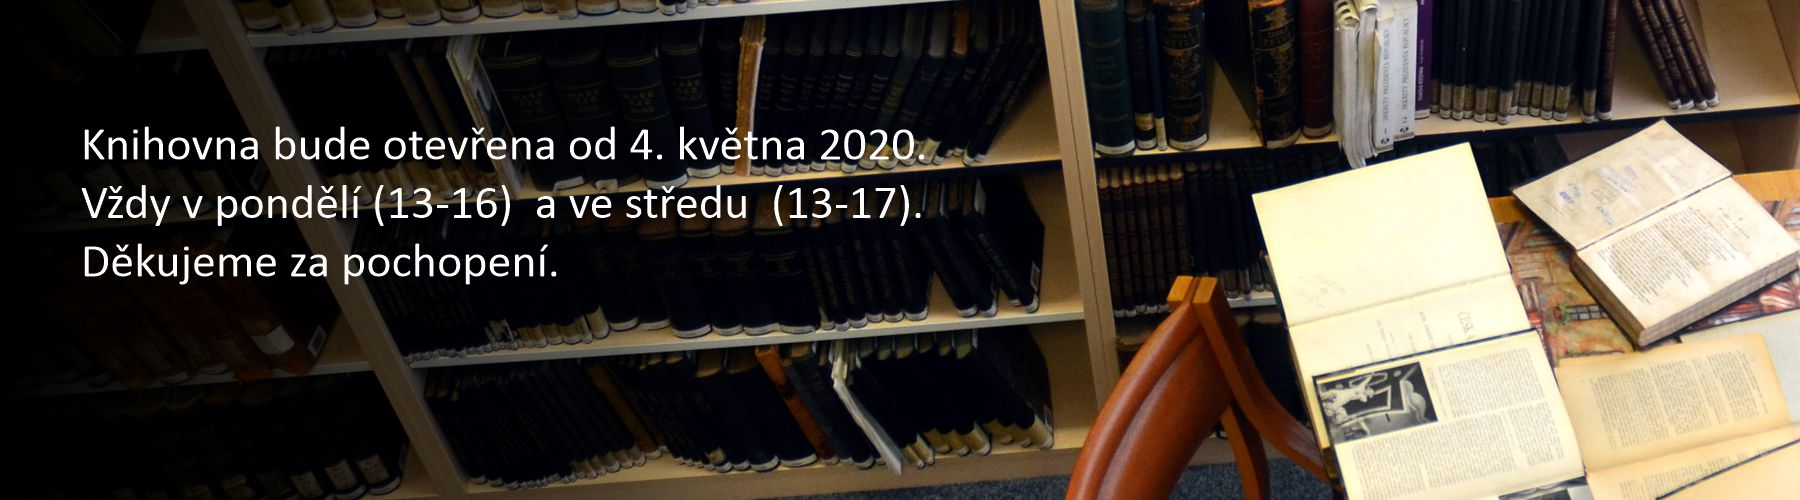 Knihovna bude otevřena od 4. 5. 2020 - pondělí (13-16) a středa (13-17)